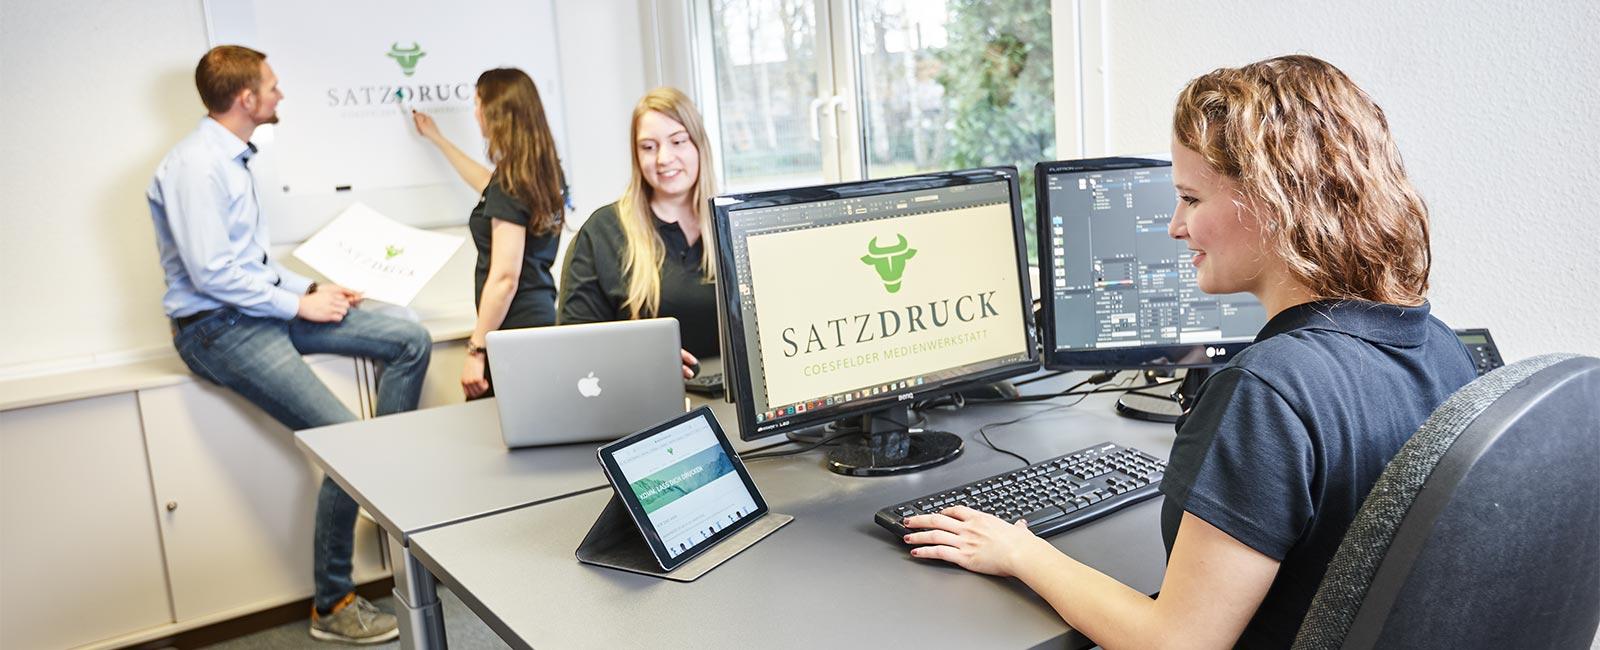 Gestaltung, Satz und Layout bei Satzdruck im Münsterland